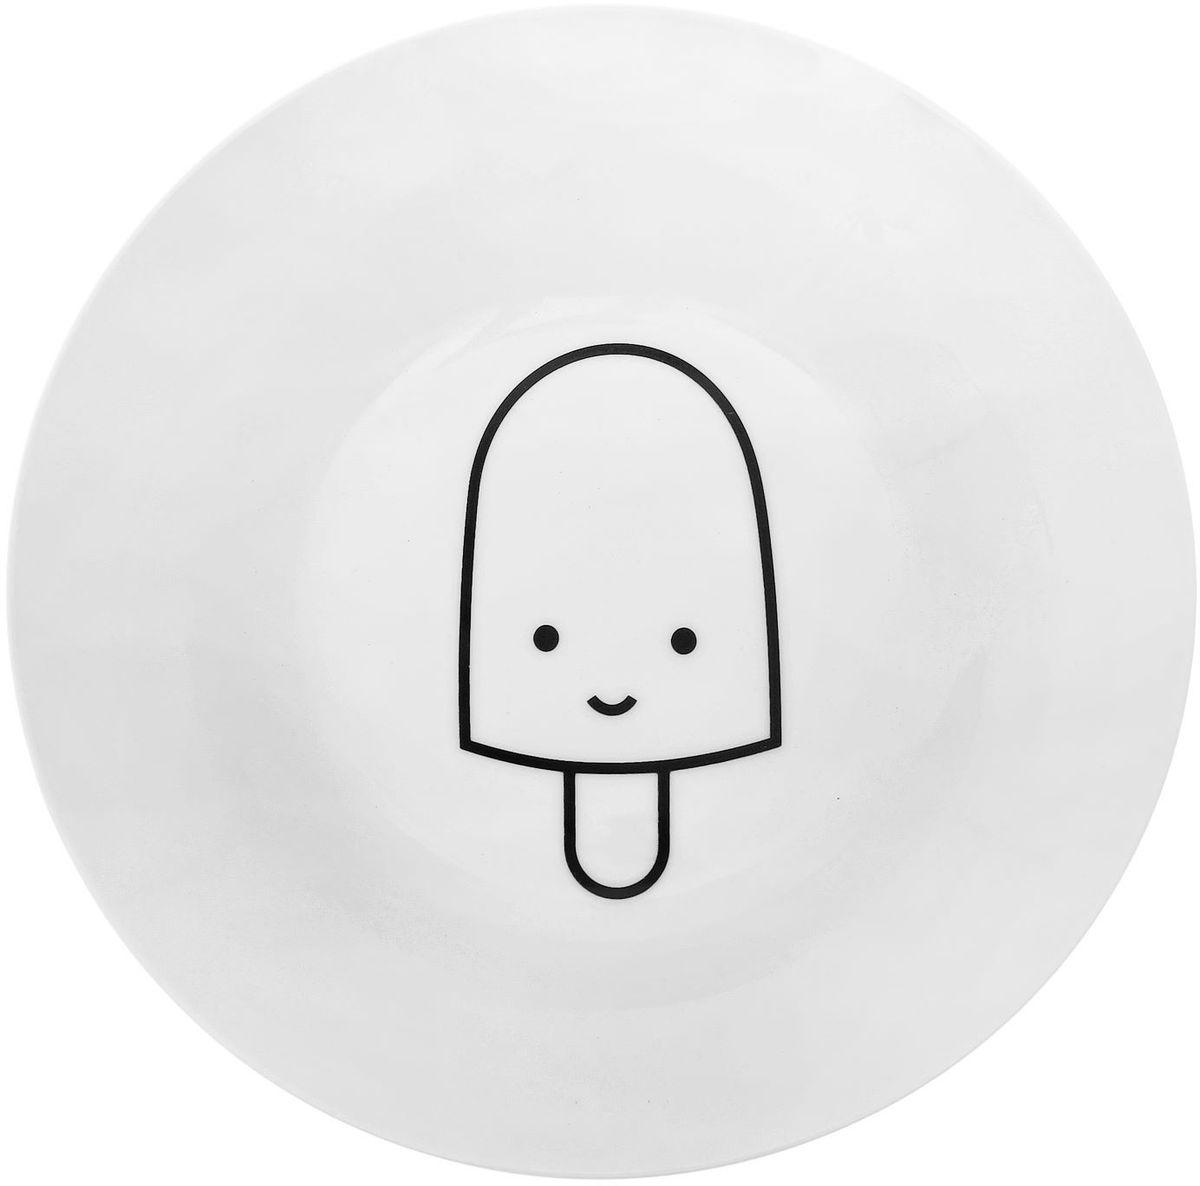 Тарелка глубокая Сотвори чудо My Little Ice Cream, диаметр 20 см54 009312Хотите обновить интерьер кухни или гостиной? Устраиваете необычную фотосессию или тематический праздник? А может, просто ищете подарок для близкого человека? Посуда Сотвори Чудо — правильный выбор в любой ситуации. Тарелка Сотвори Чудо, изготовленная из изящного фаянса нежного сливочного цвета, оформлена оригинальным рисунком со стойкой краской. Пригодна для посудомоечной машины.